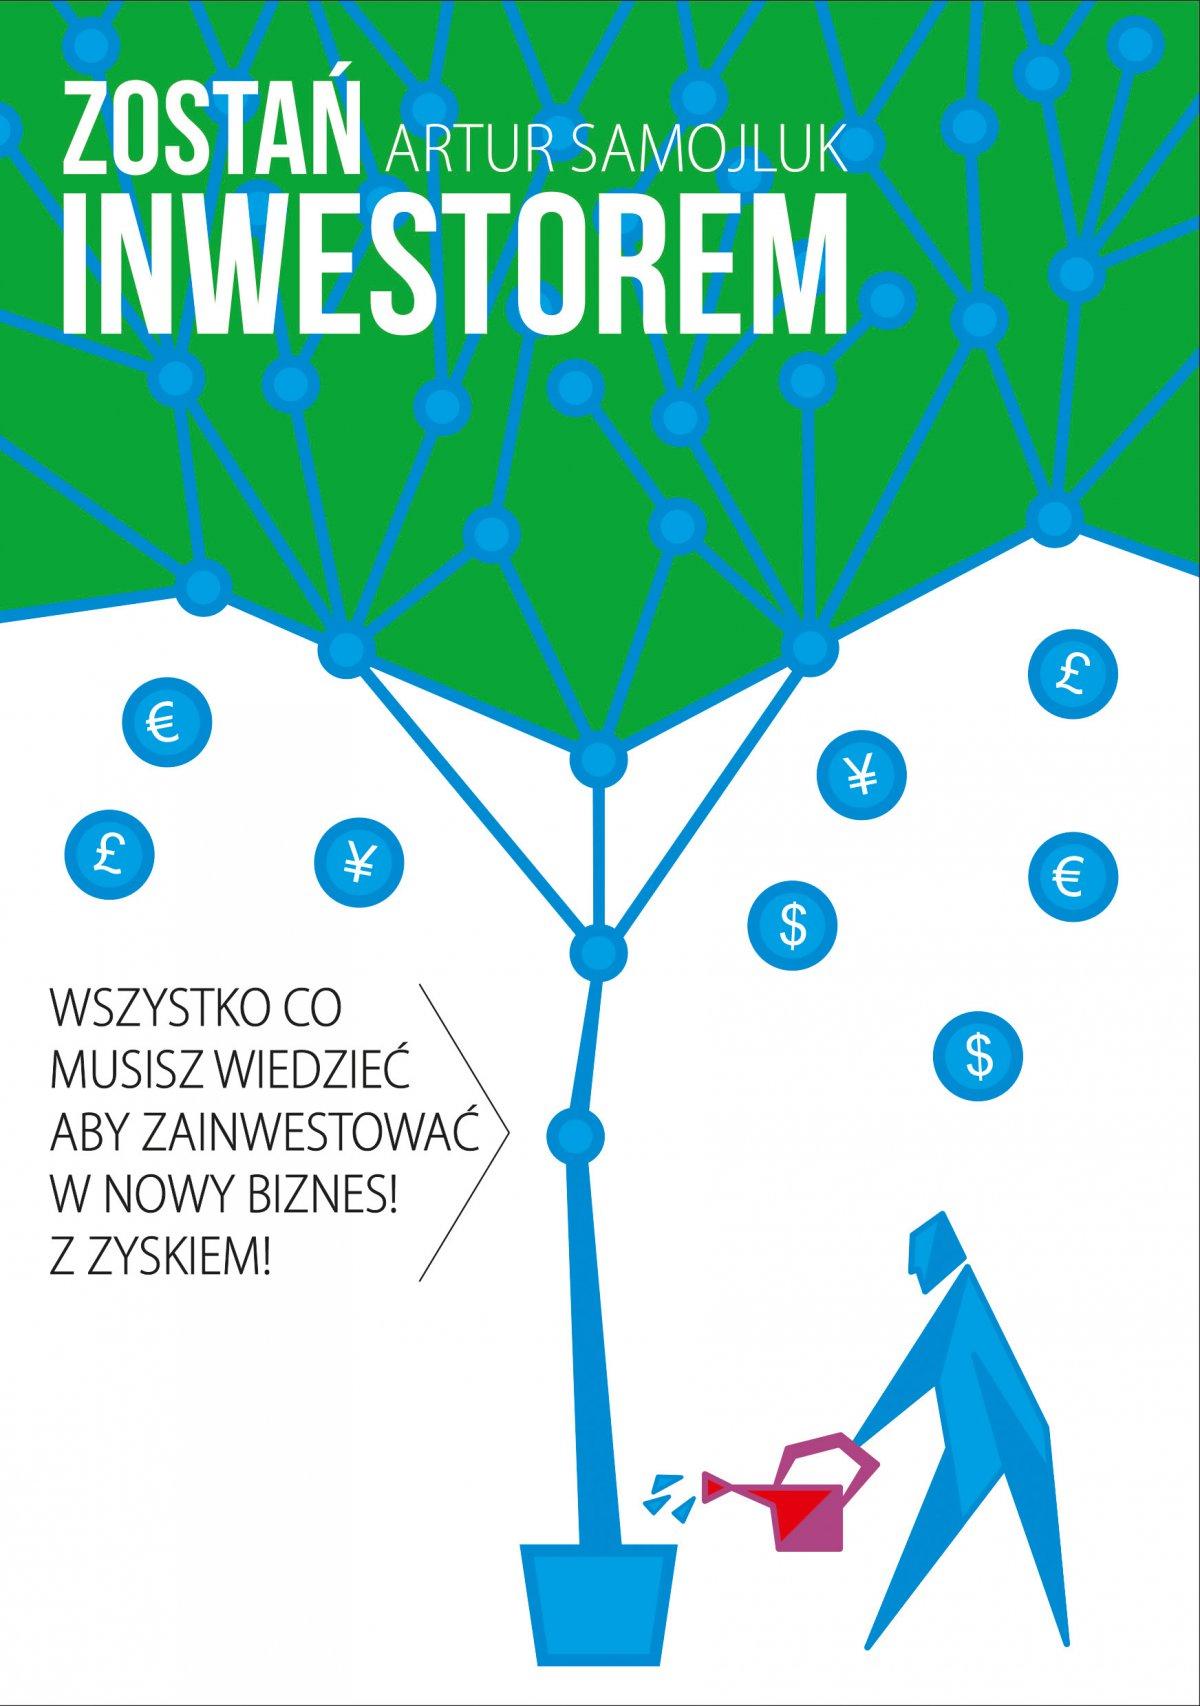 Zostań inwestorem czyli sztuka podejmowania dobrych decyzji finansowych - Ebook (Książka PDF) do pobrania w formacie PDF